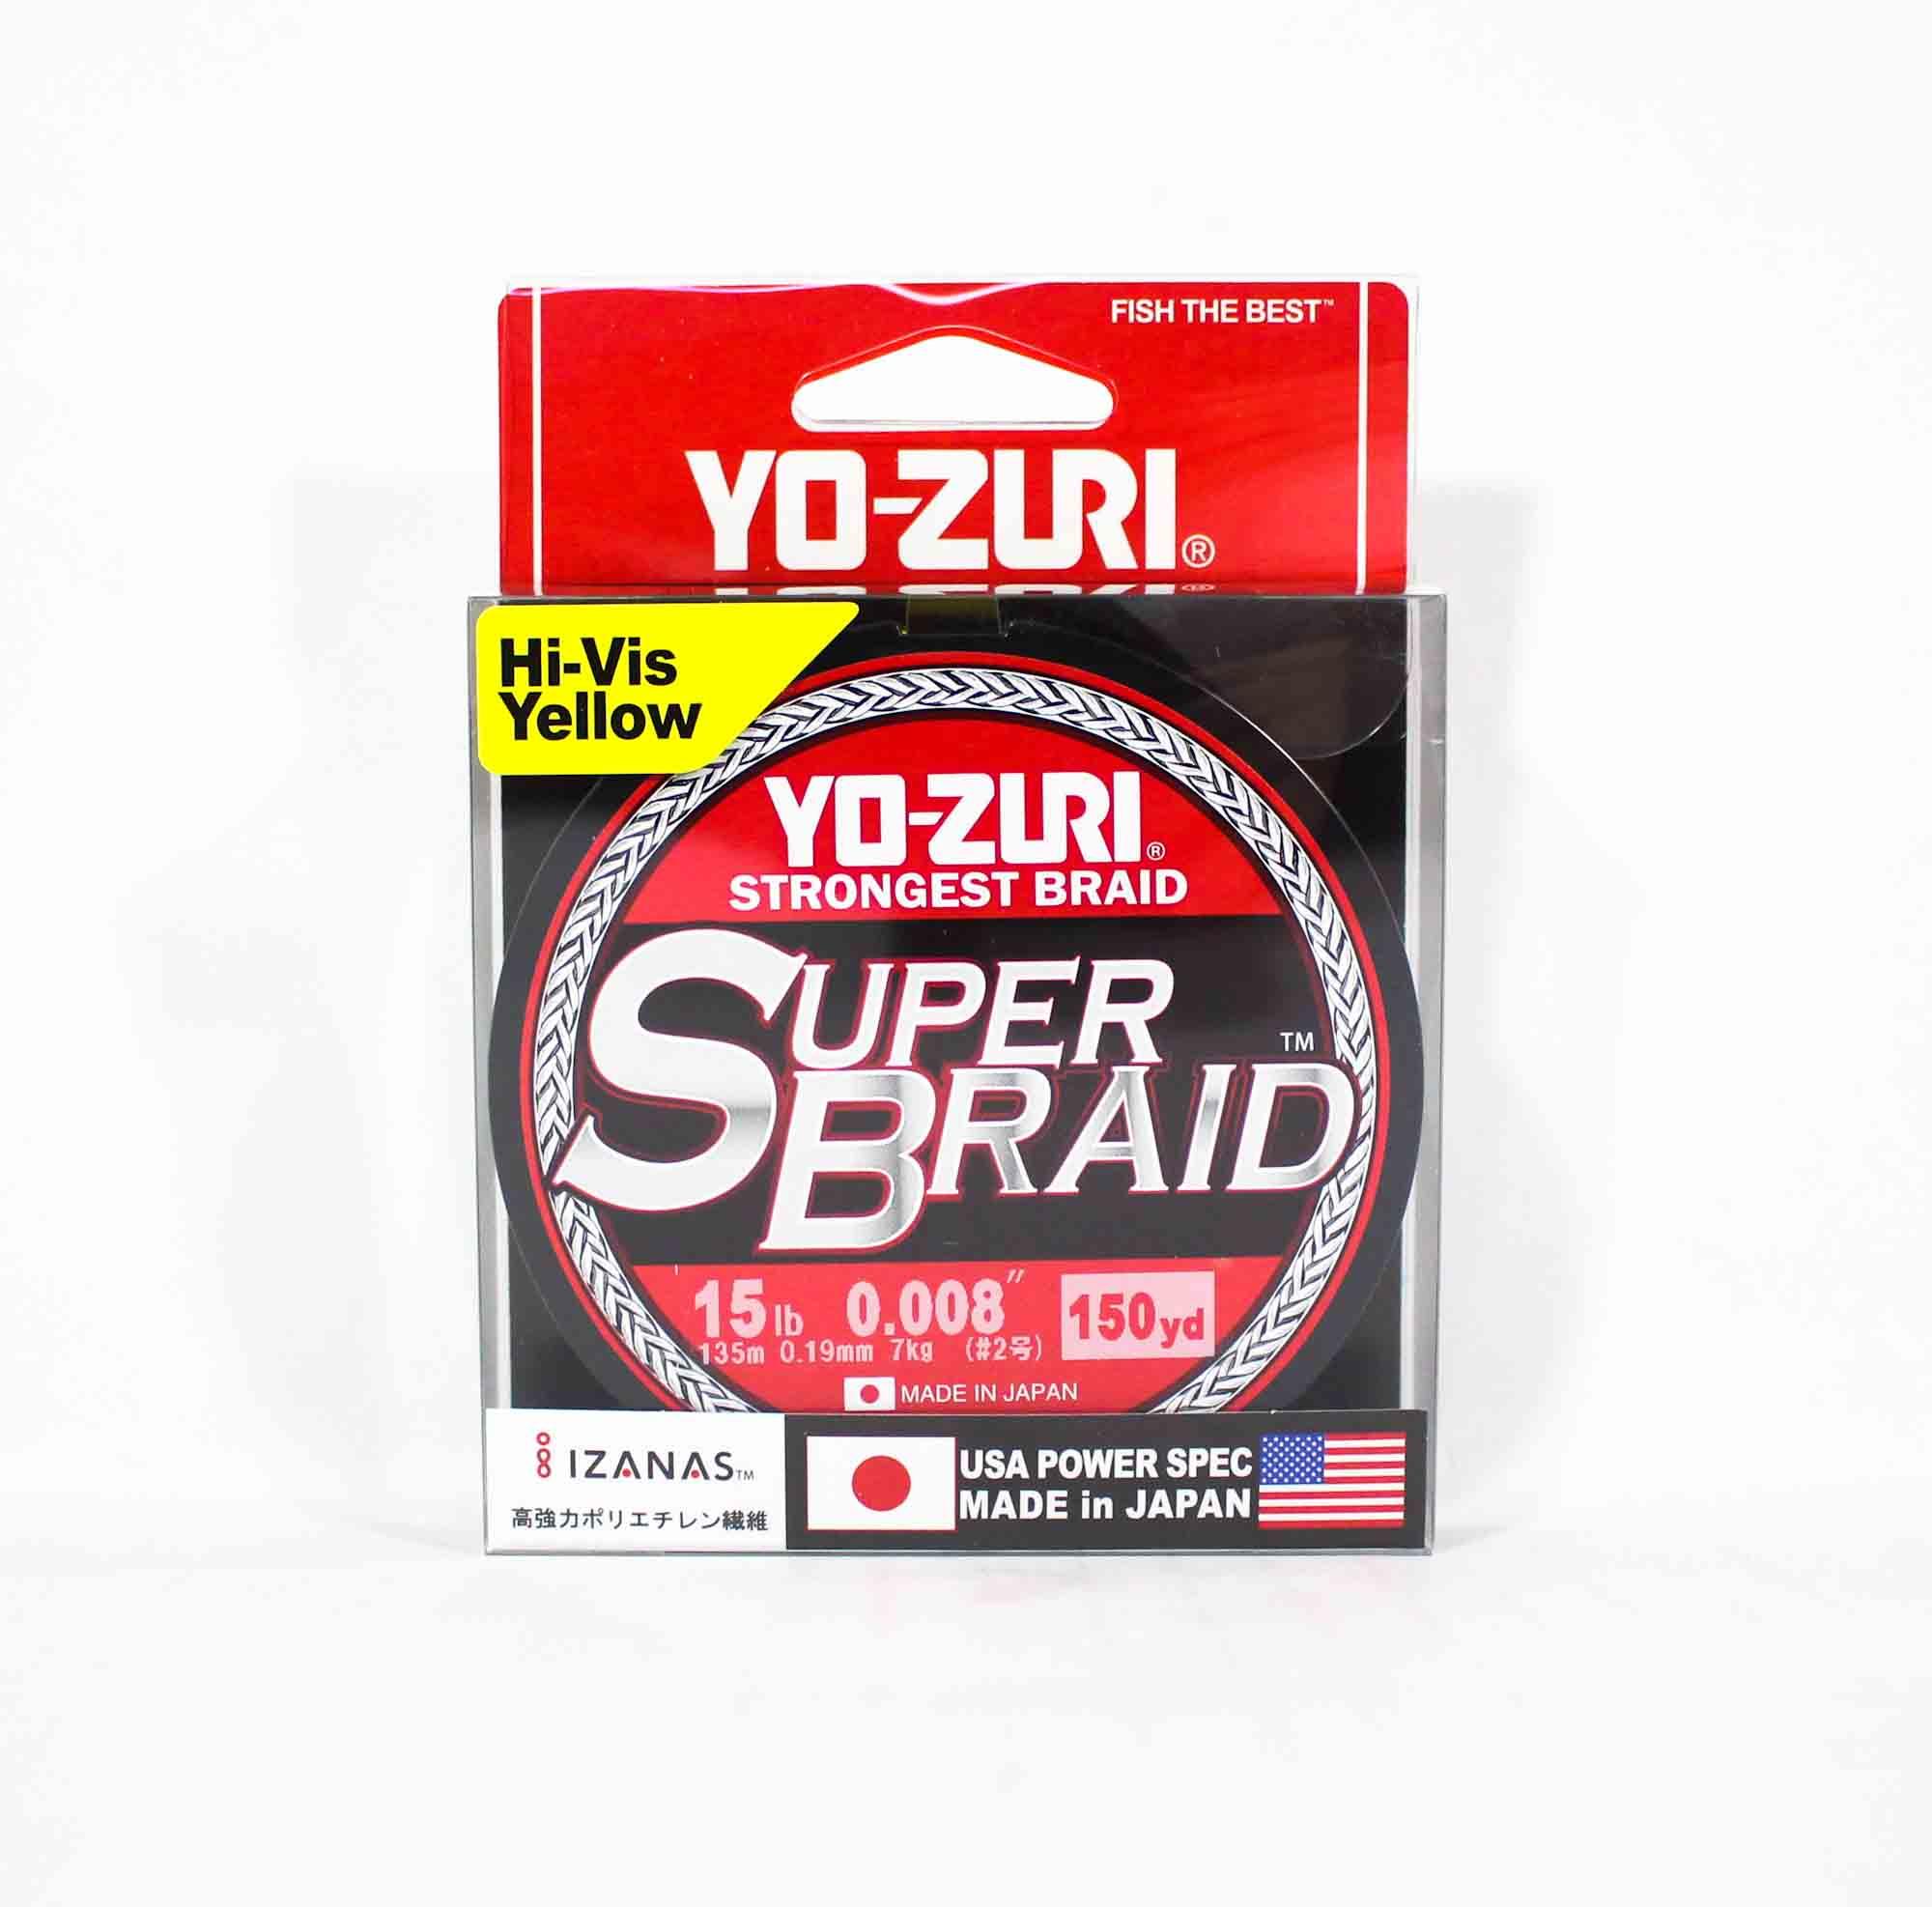 Yo Zuri Duel P.E Line Super Braid 150YDS 15Lbs (0.19mm) Yellow R1257-Y (5535)